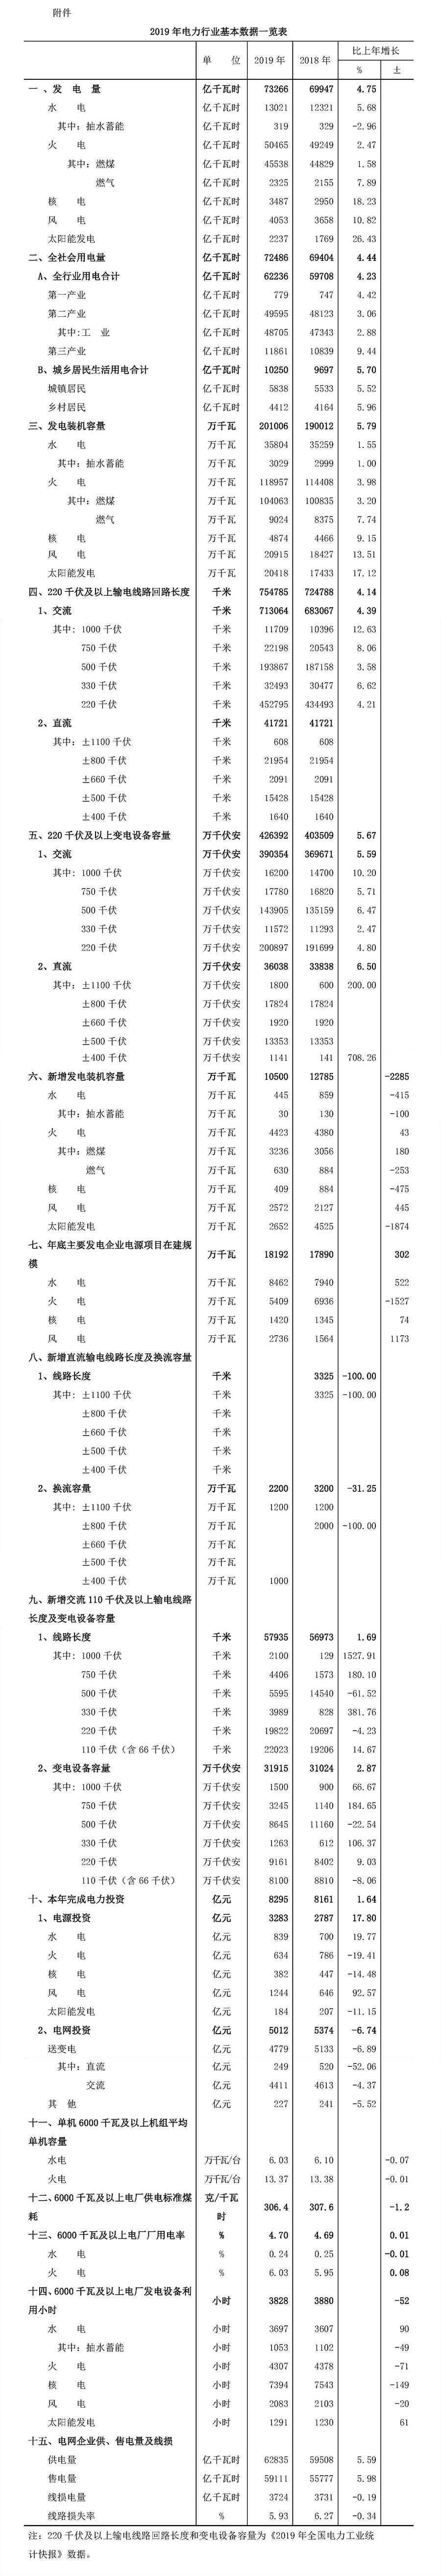 《中國電力行業年度發展報告2020》fj.jpg